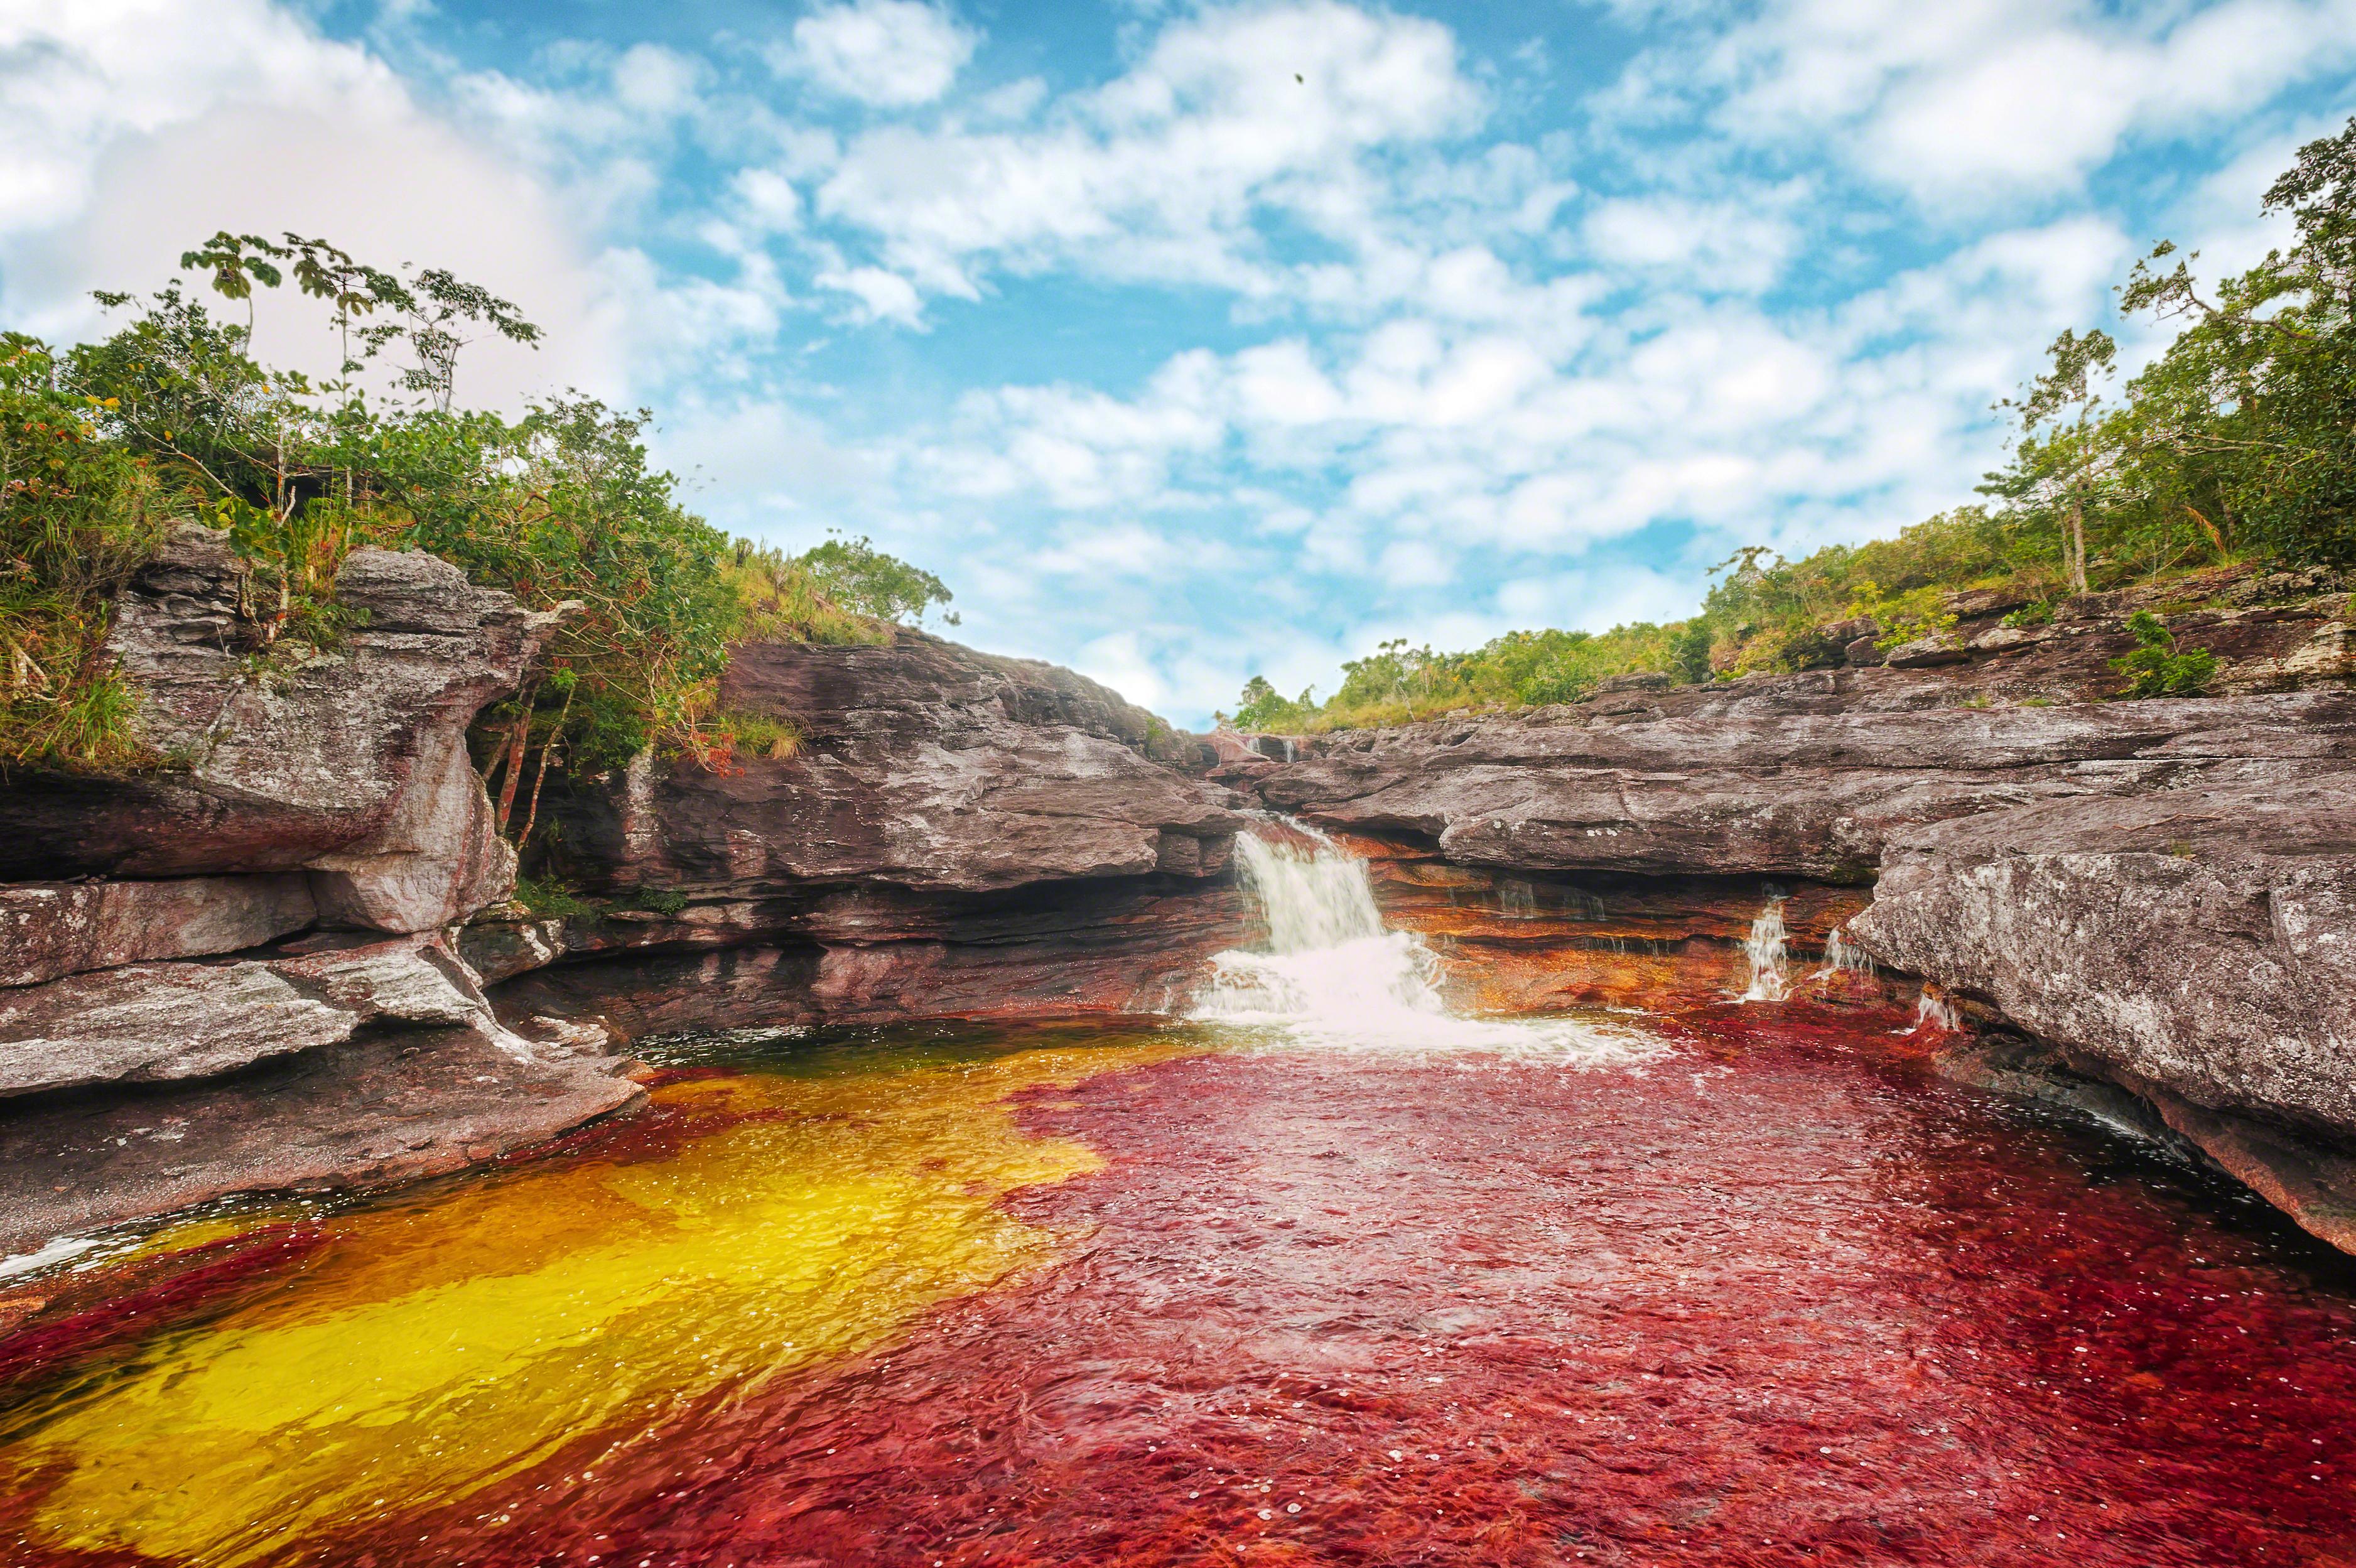 Cano Cristales River Colombia